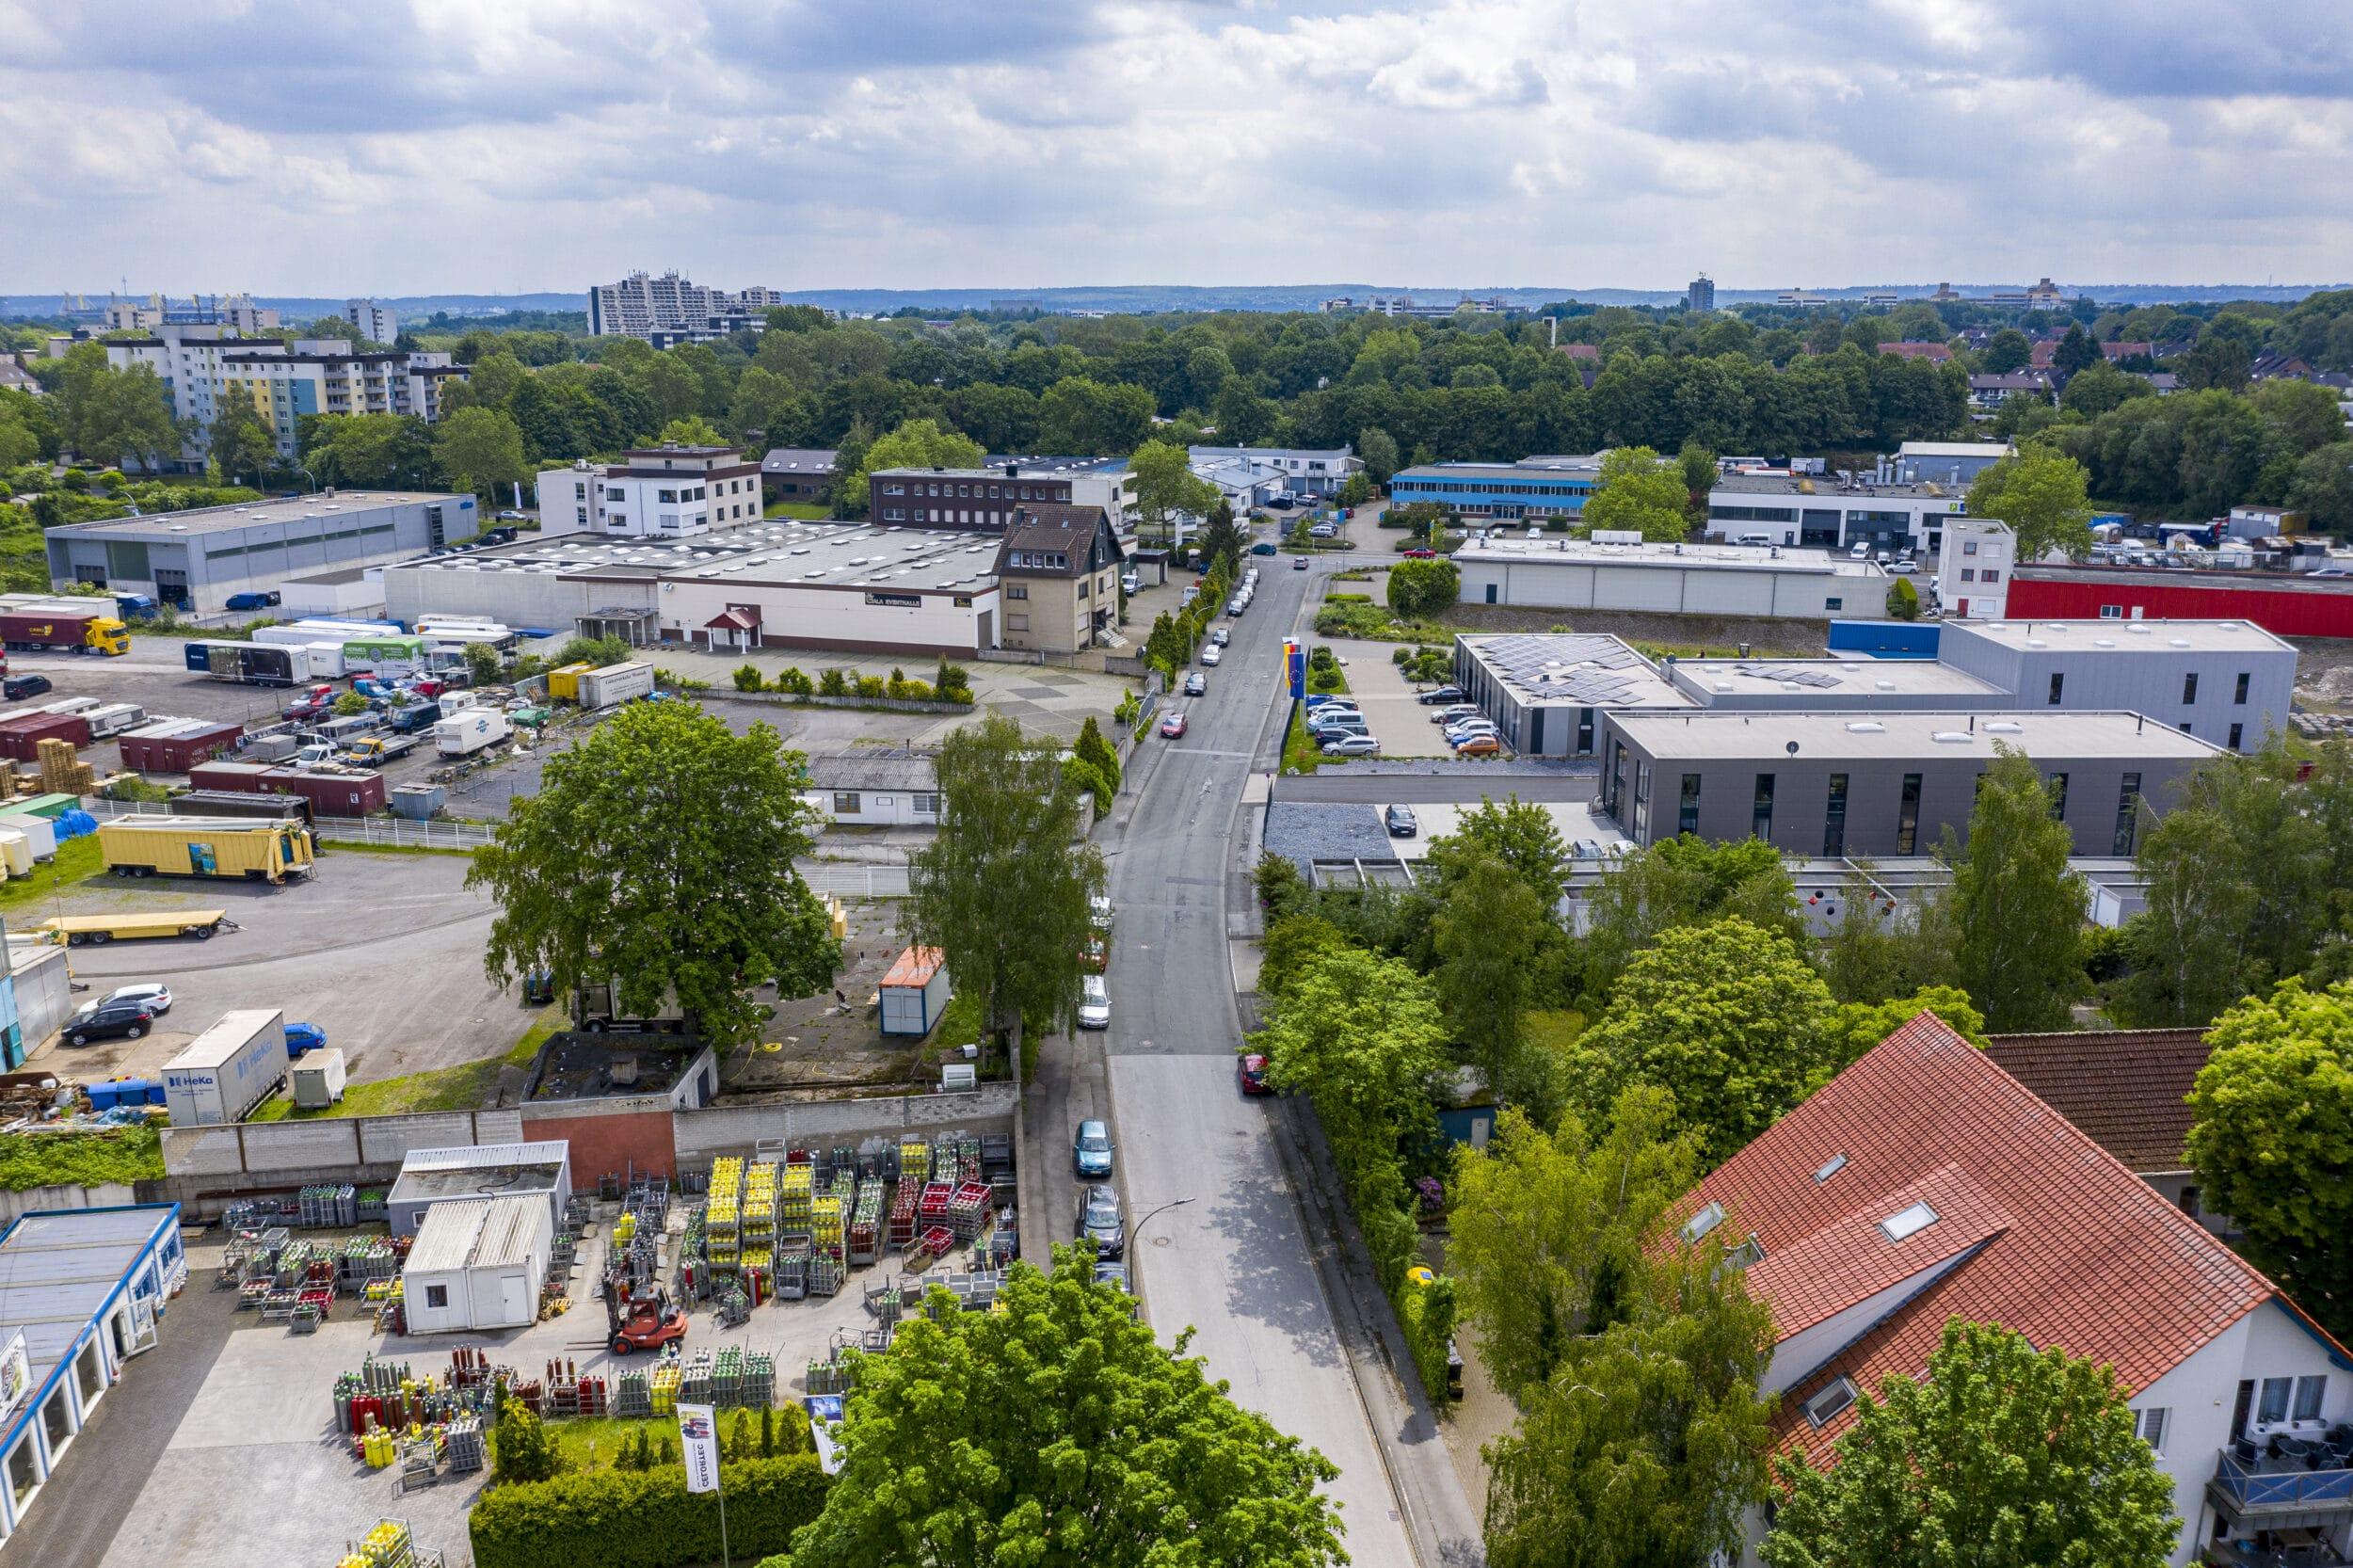 Ein Blick auf das Gebiet in Dorstfeld, das langjährige Mieter verlassen müssen. (Archivfotos: IN-StadtMagazine)